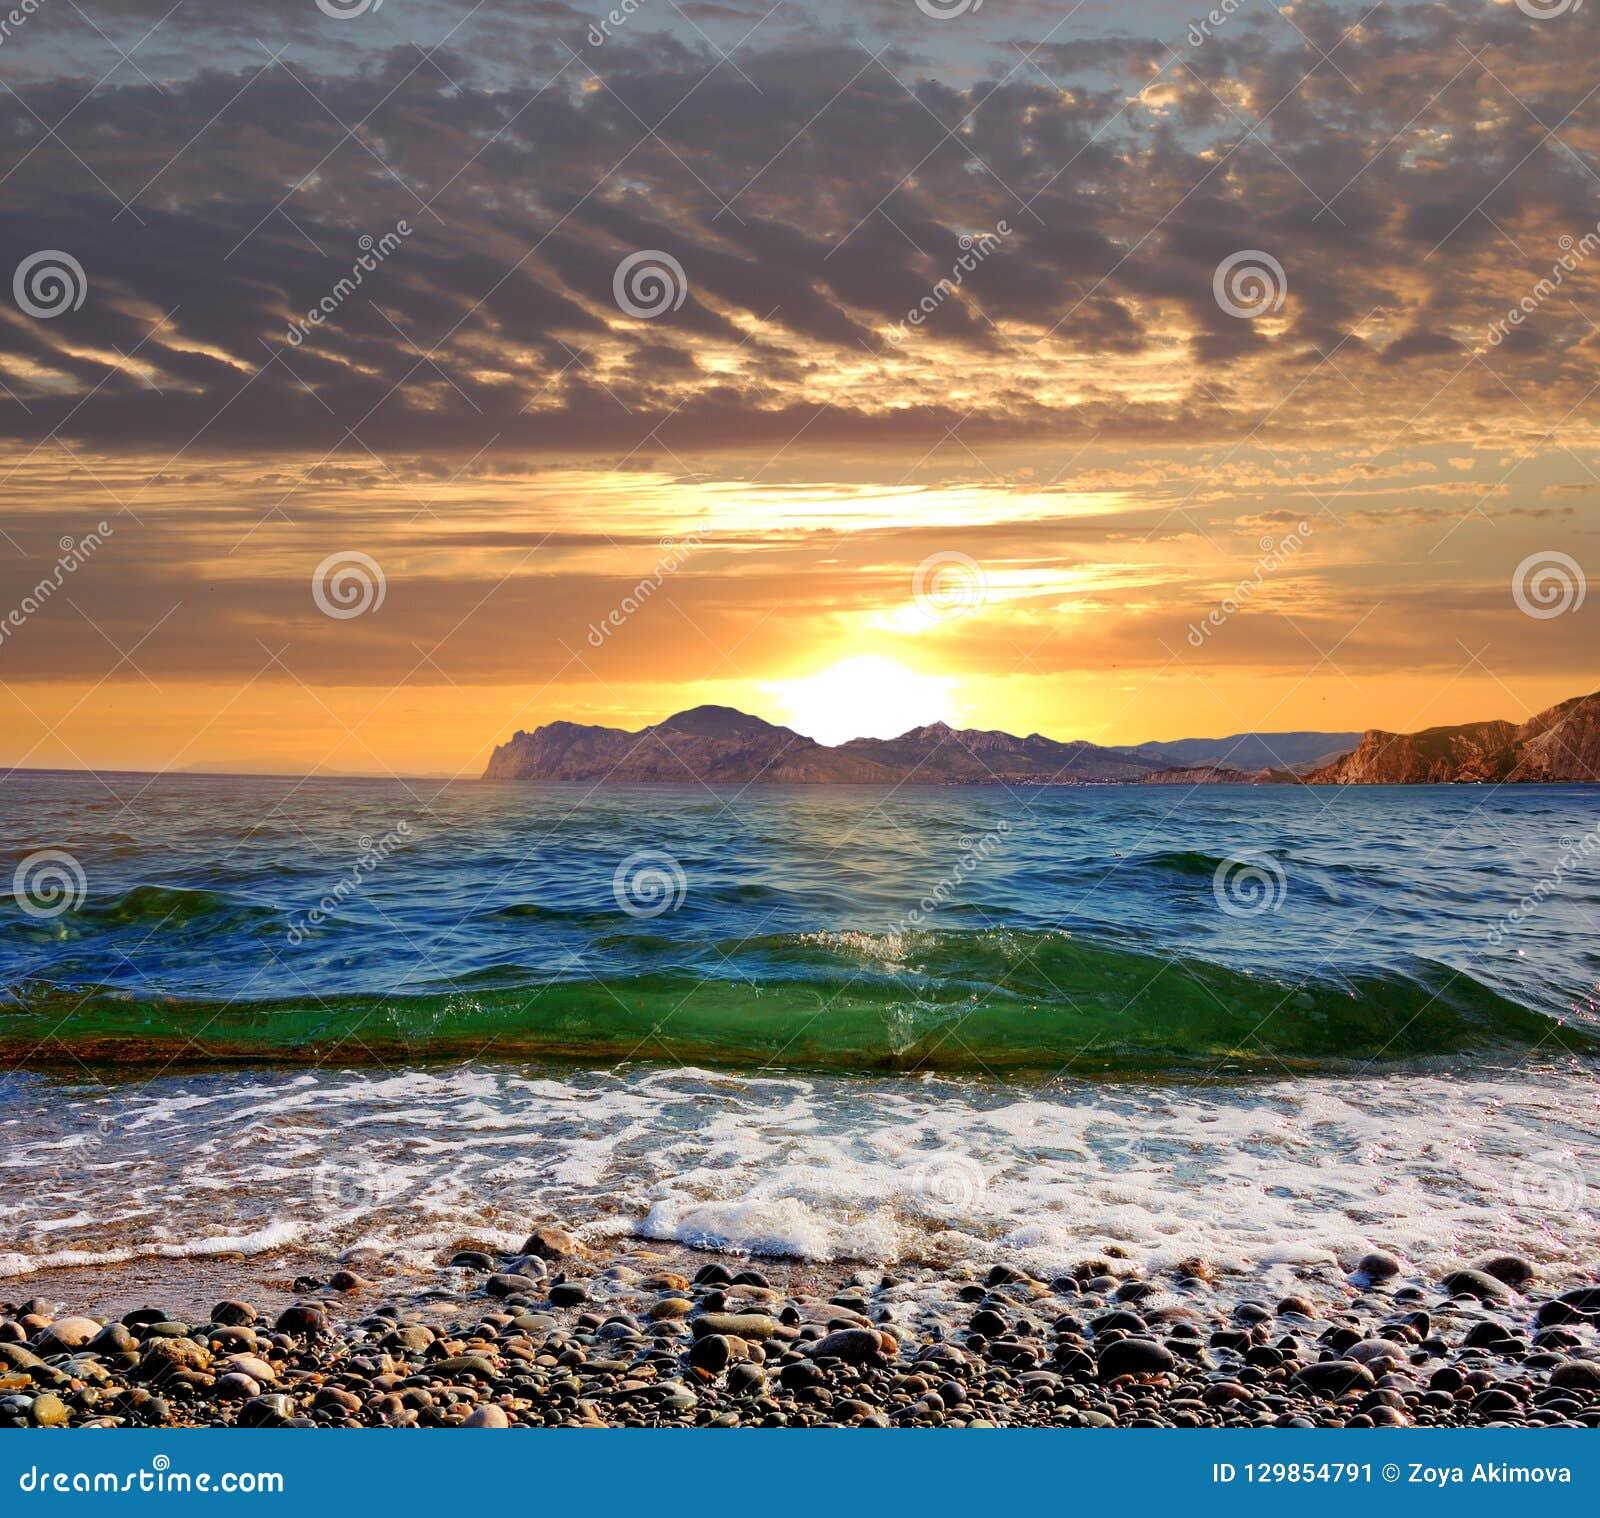 Sunrise over the Black Sea, Eastern Crimea